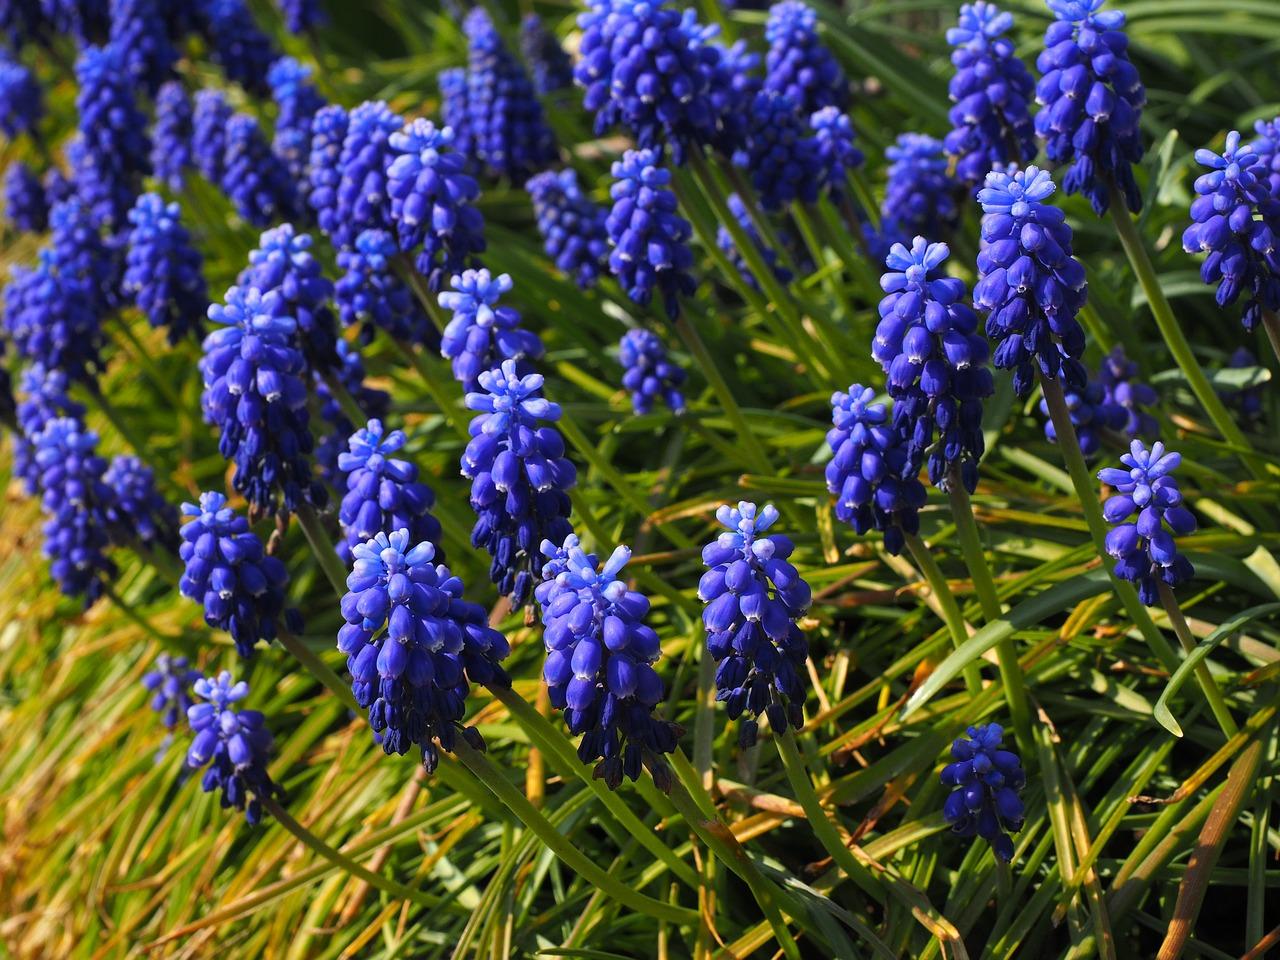 как картинка синенькие цветы советское время